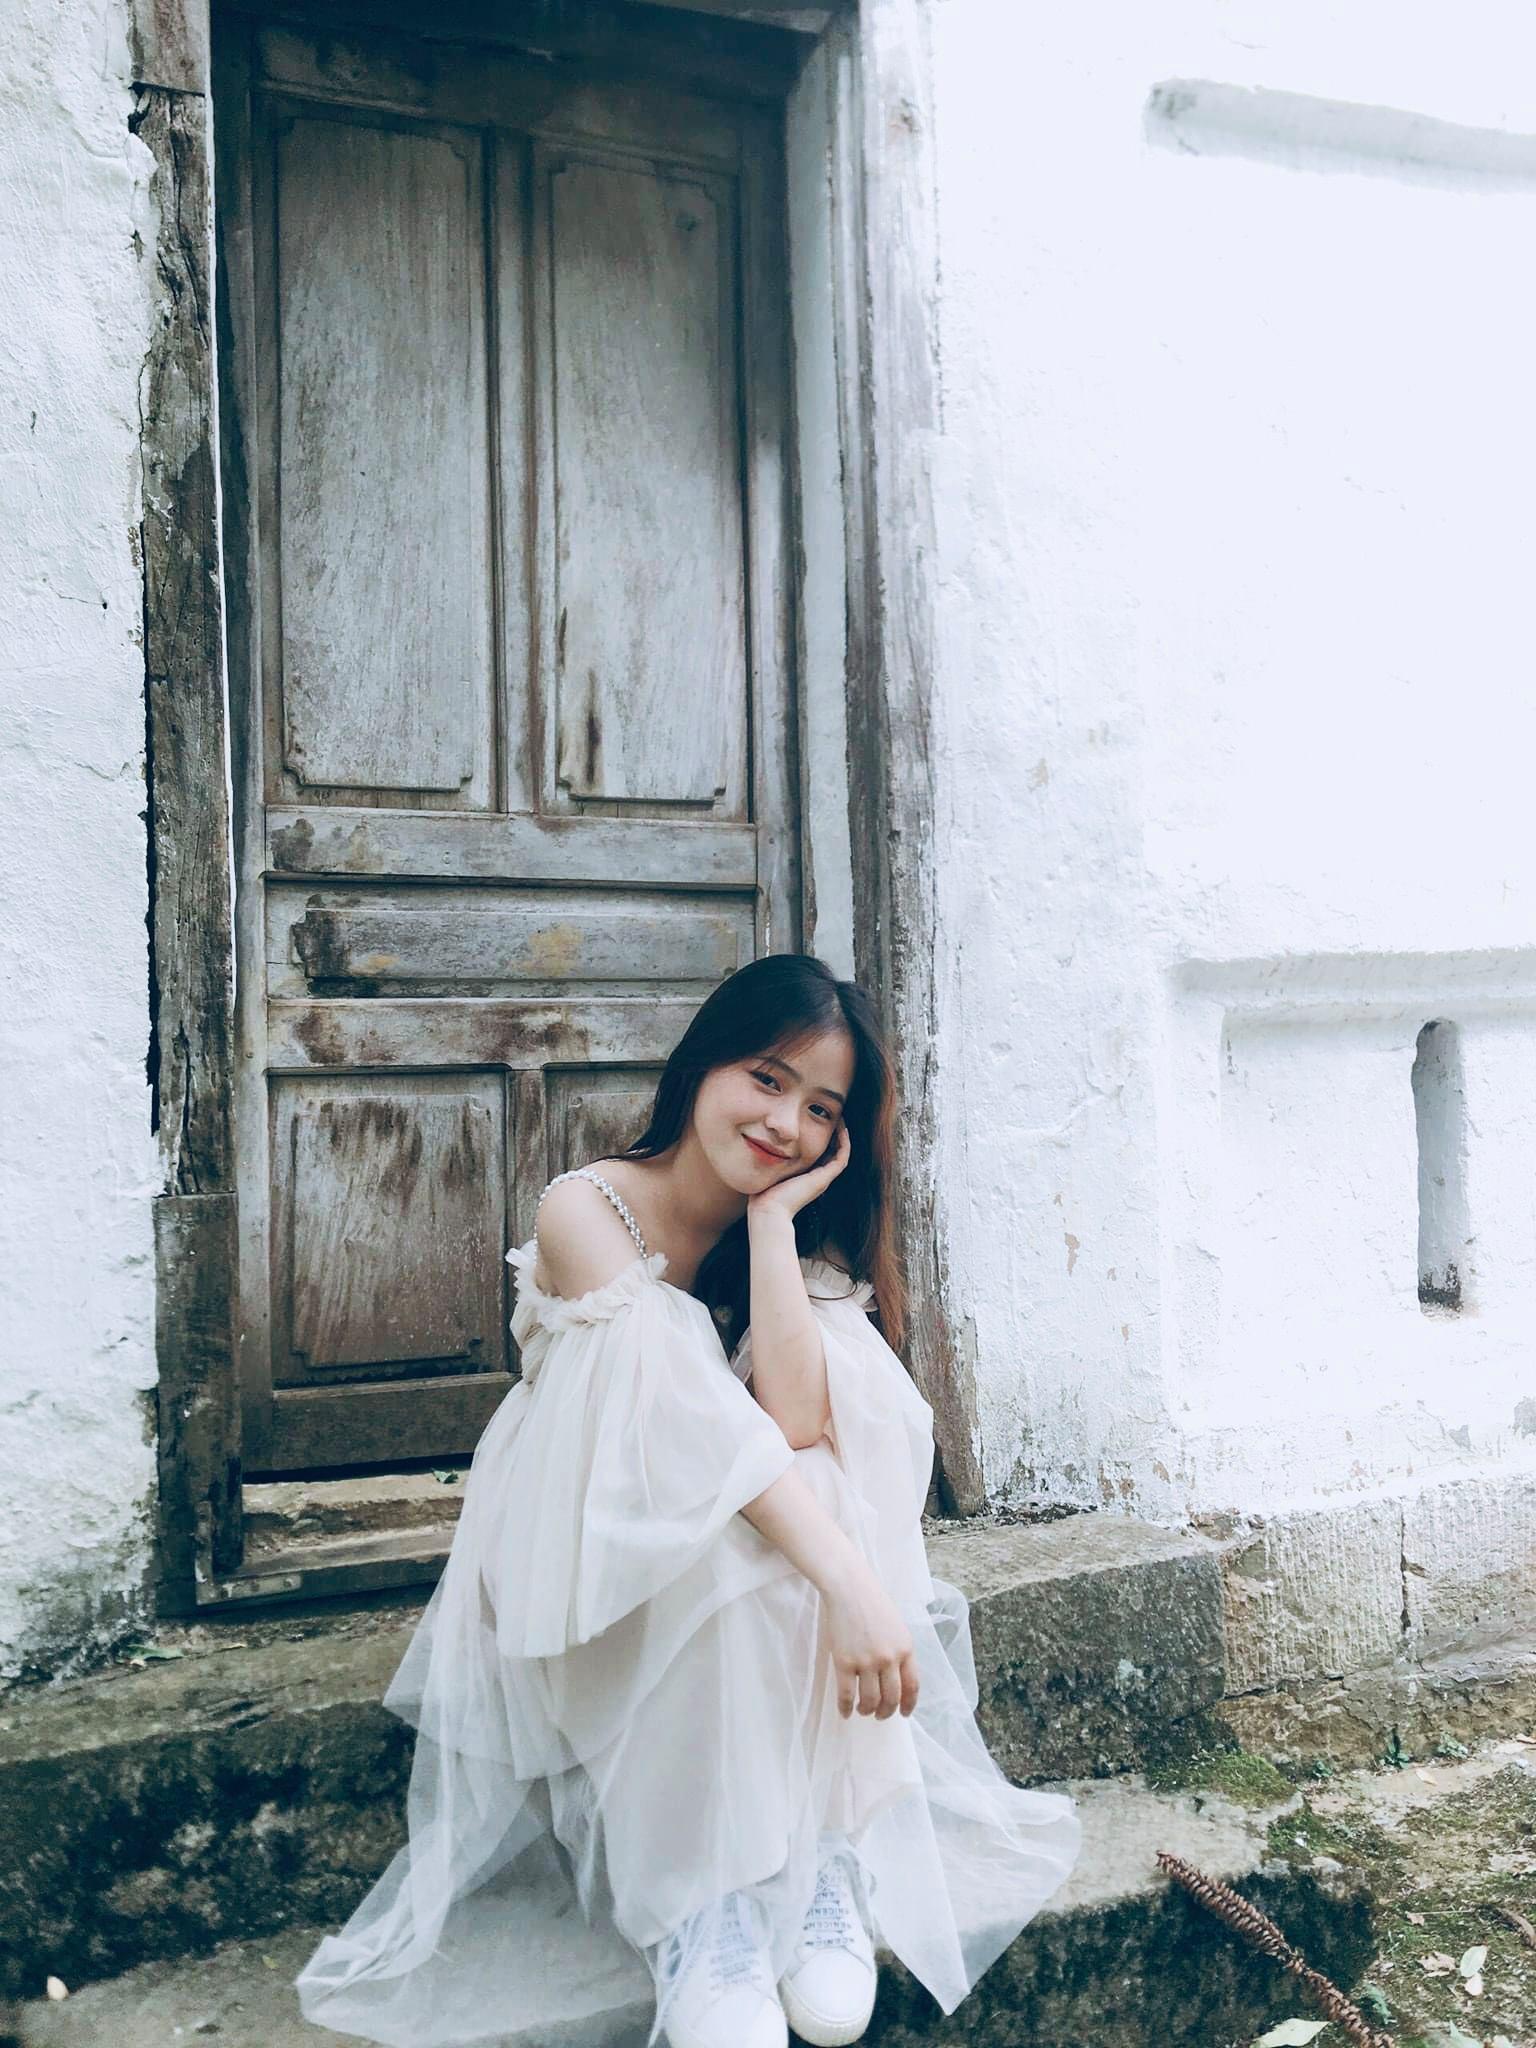 """Vẻ đẹp trong sáng của """"cô bé bán lê"""", có chiếc răng khểnh đáng yêu tại cao nguyên đá Hà Giang - Ảnh 8."""